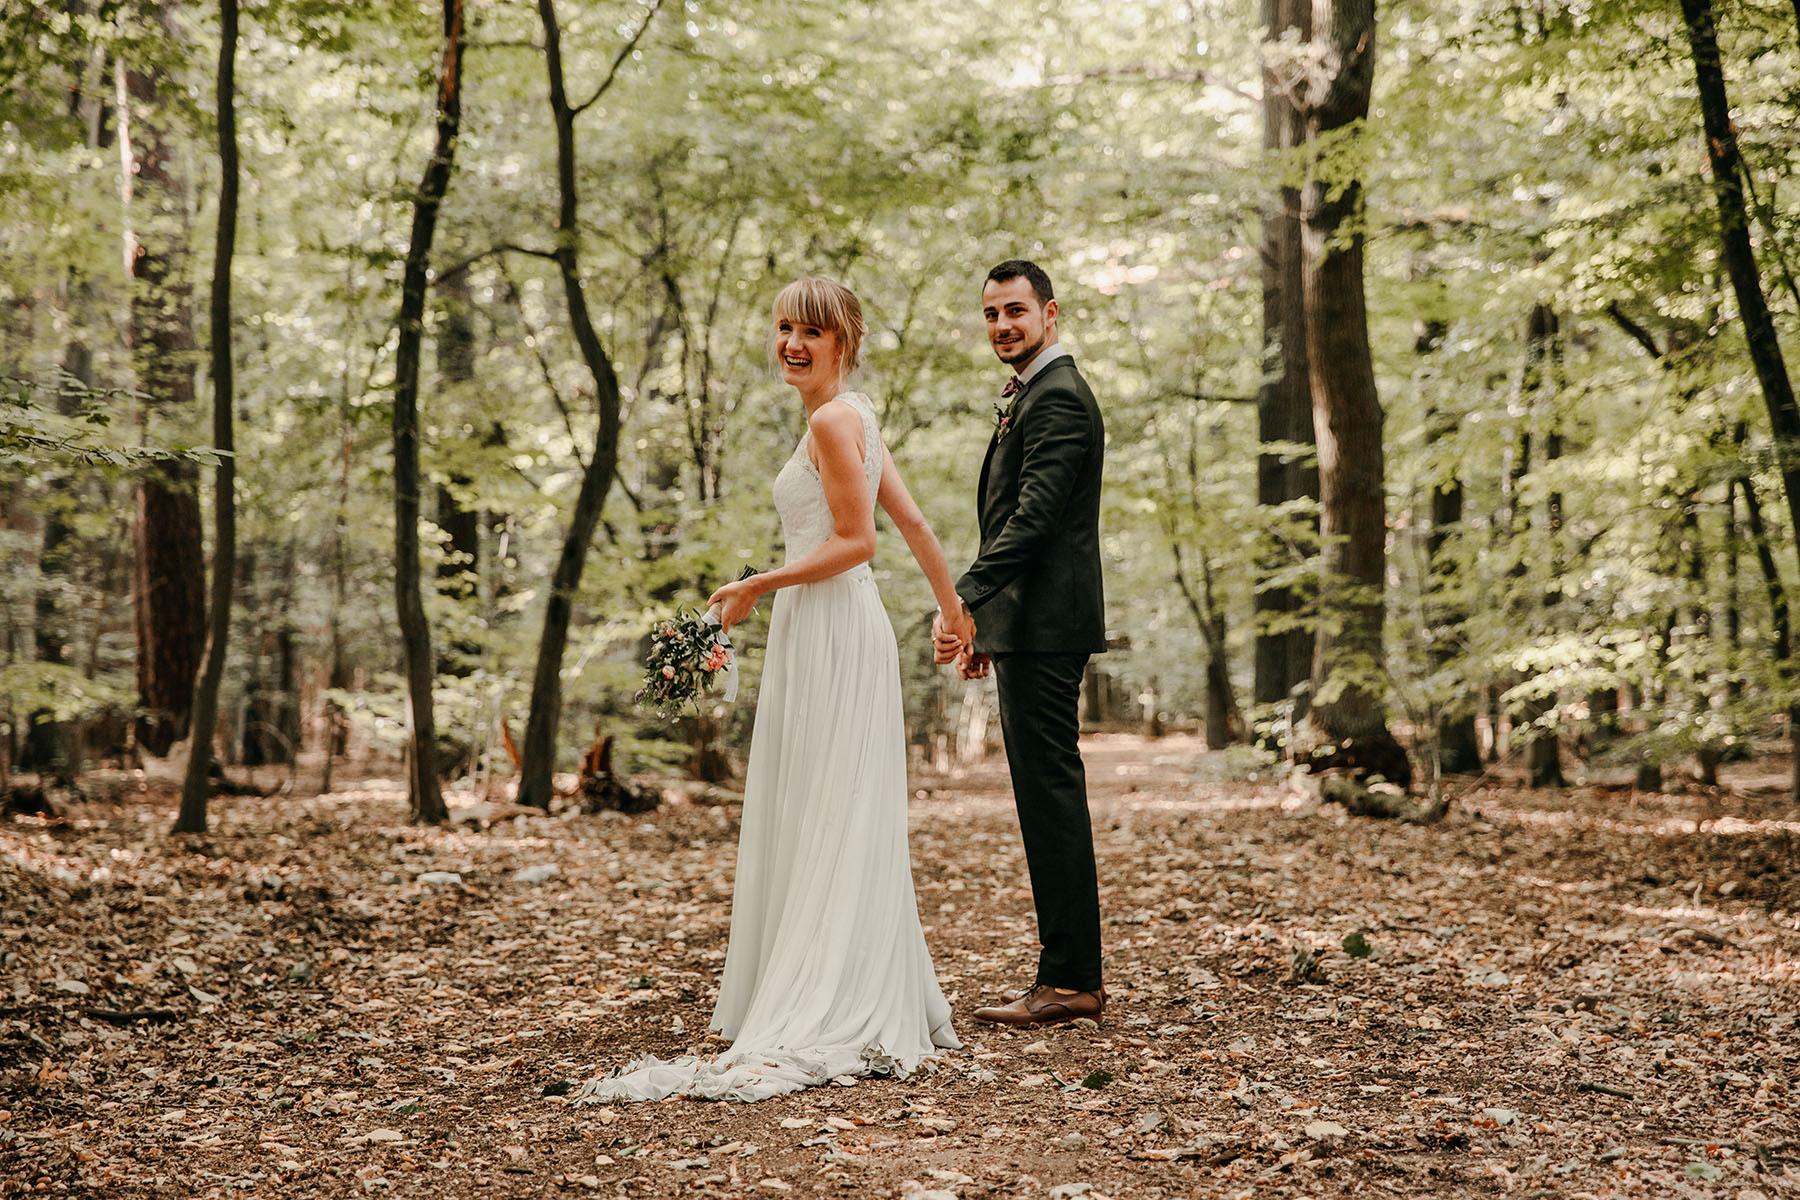 Brautpaarfoto im Wald